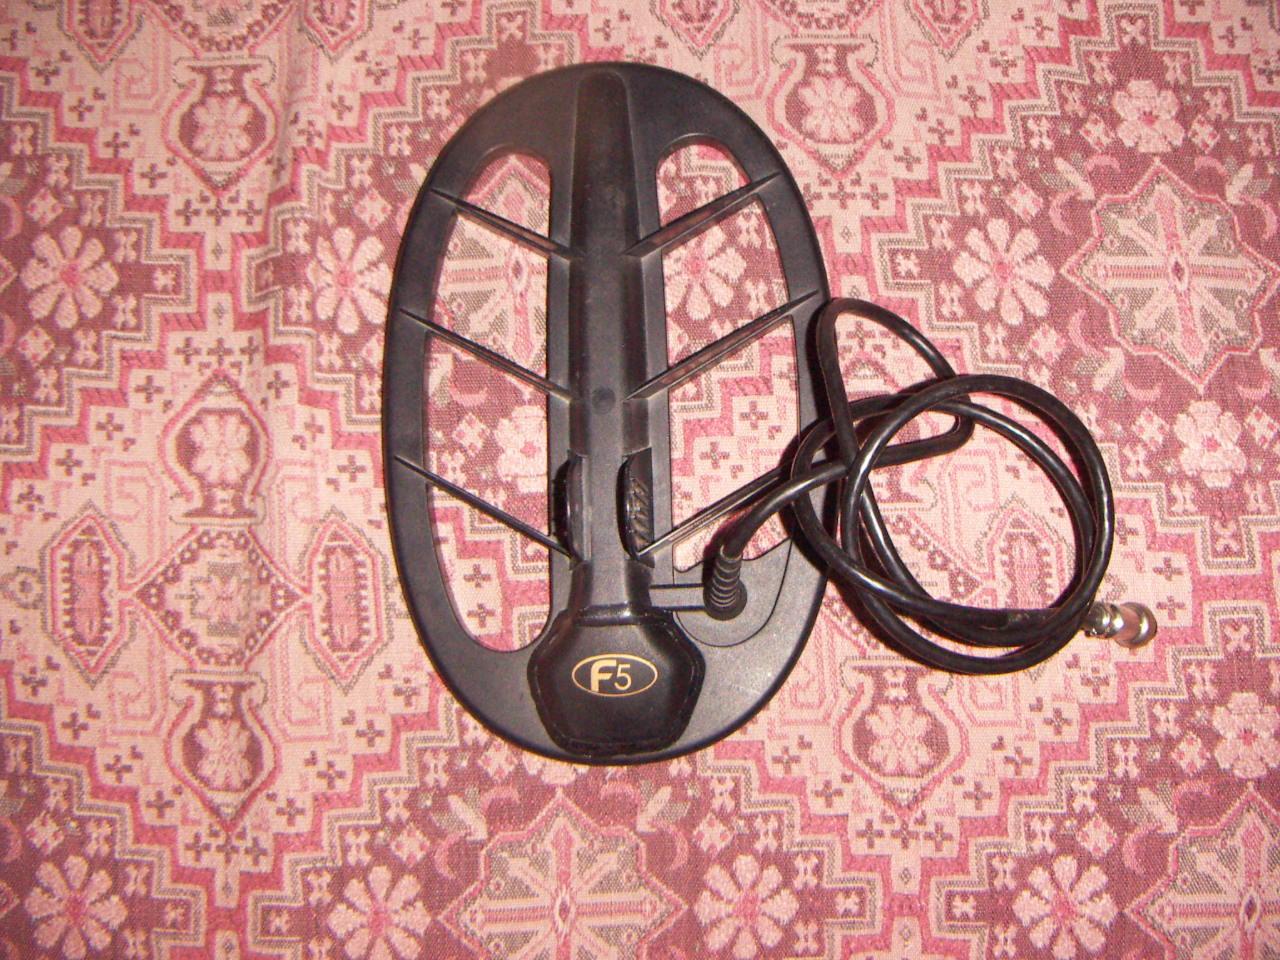 антени за фишер на ниска цена V62azt